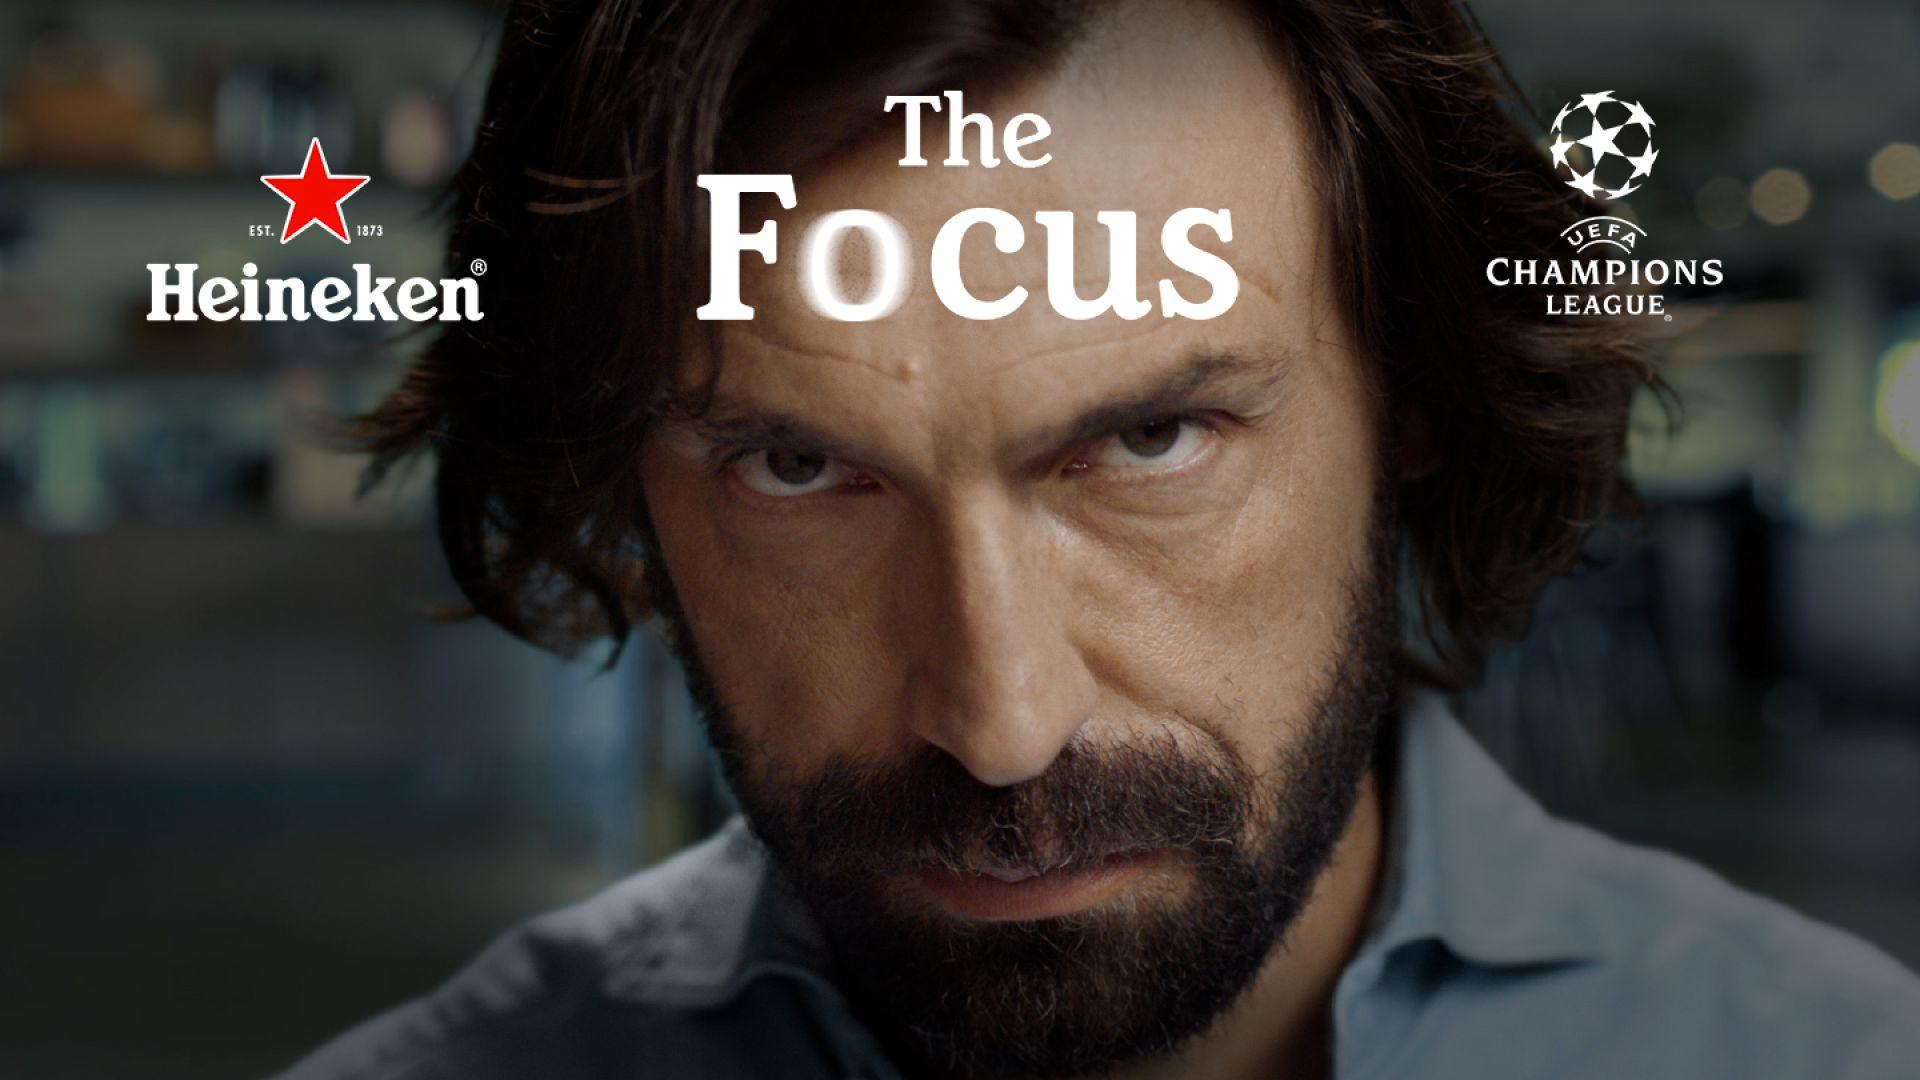 The Focus:  Погледът, който ще ти осигури легендарна футболна вечер